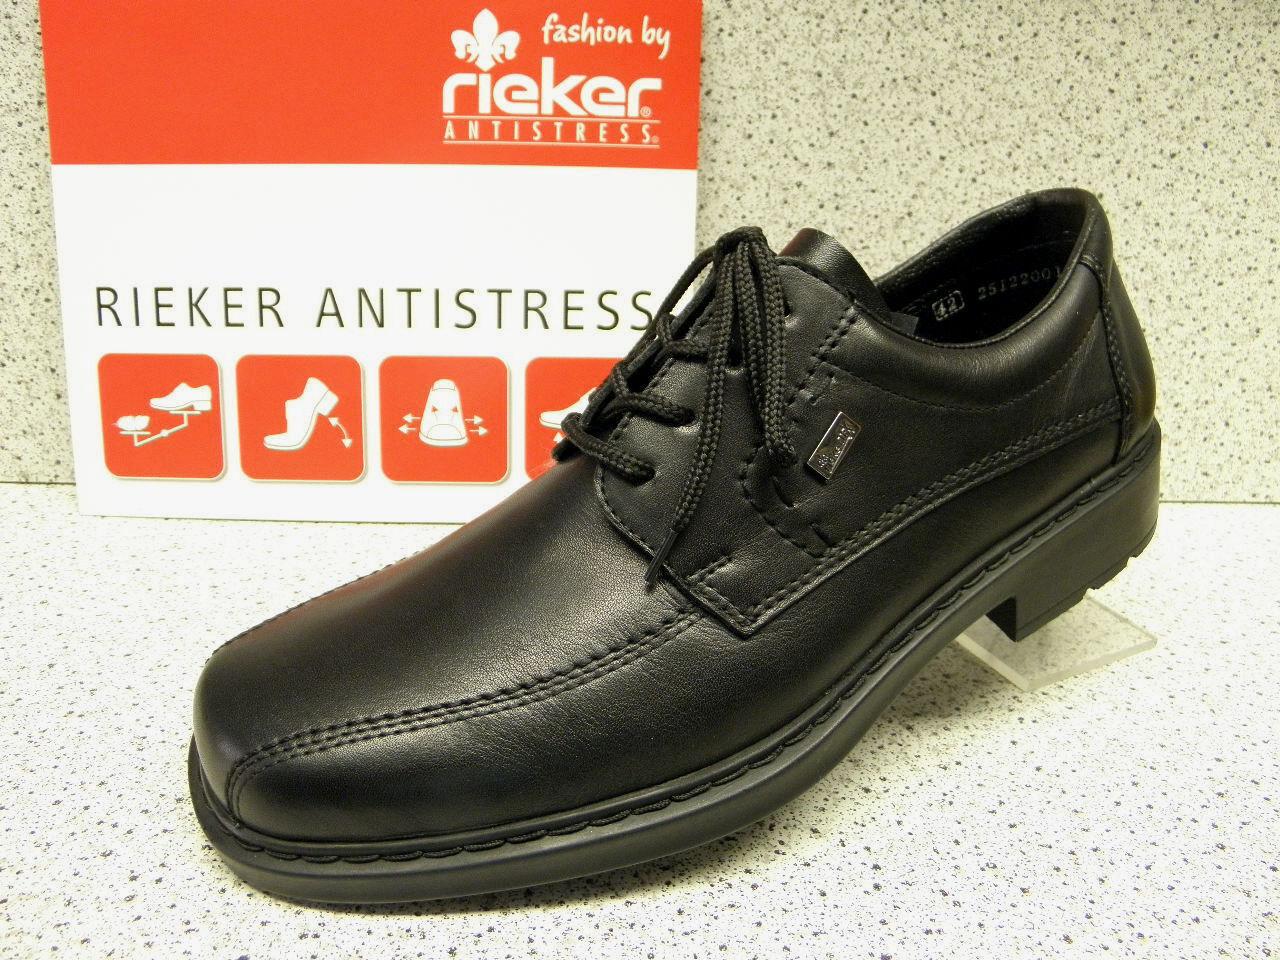 Rieker ® reduce negro tex-membrana + gratis premium-calcetines (r110)